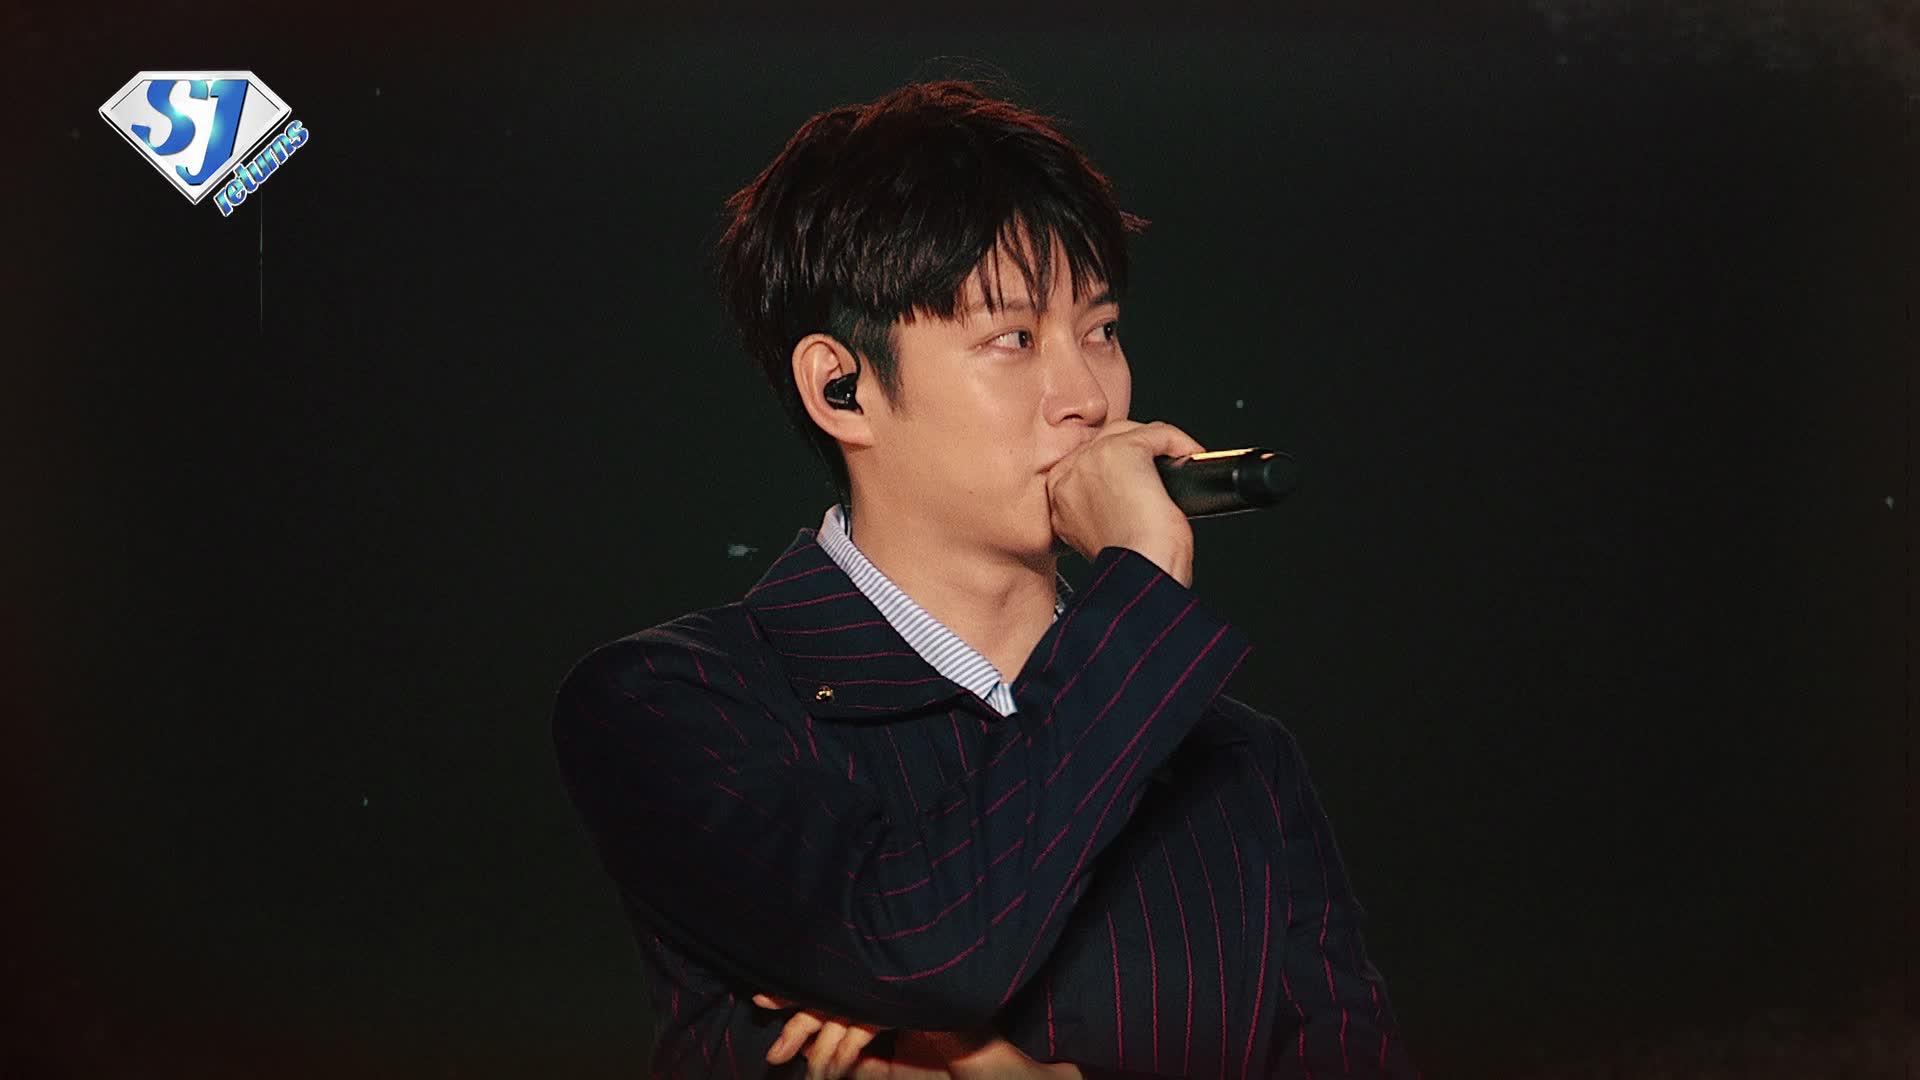 슈주 리턴즈 티저1-슈퍼 주니어 리얼 컴백 스토리